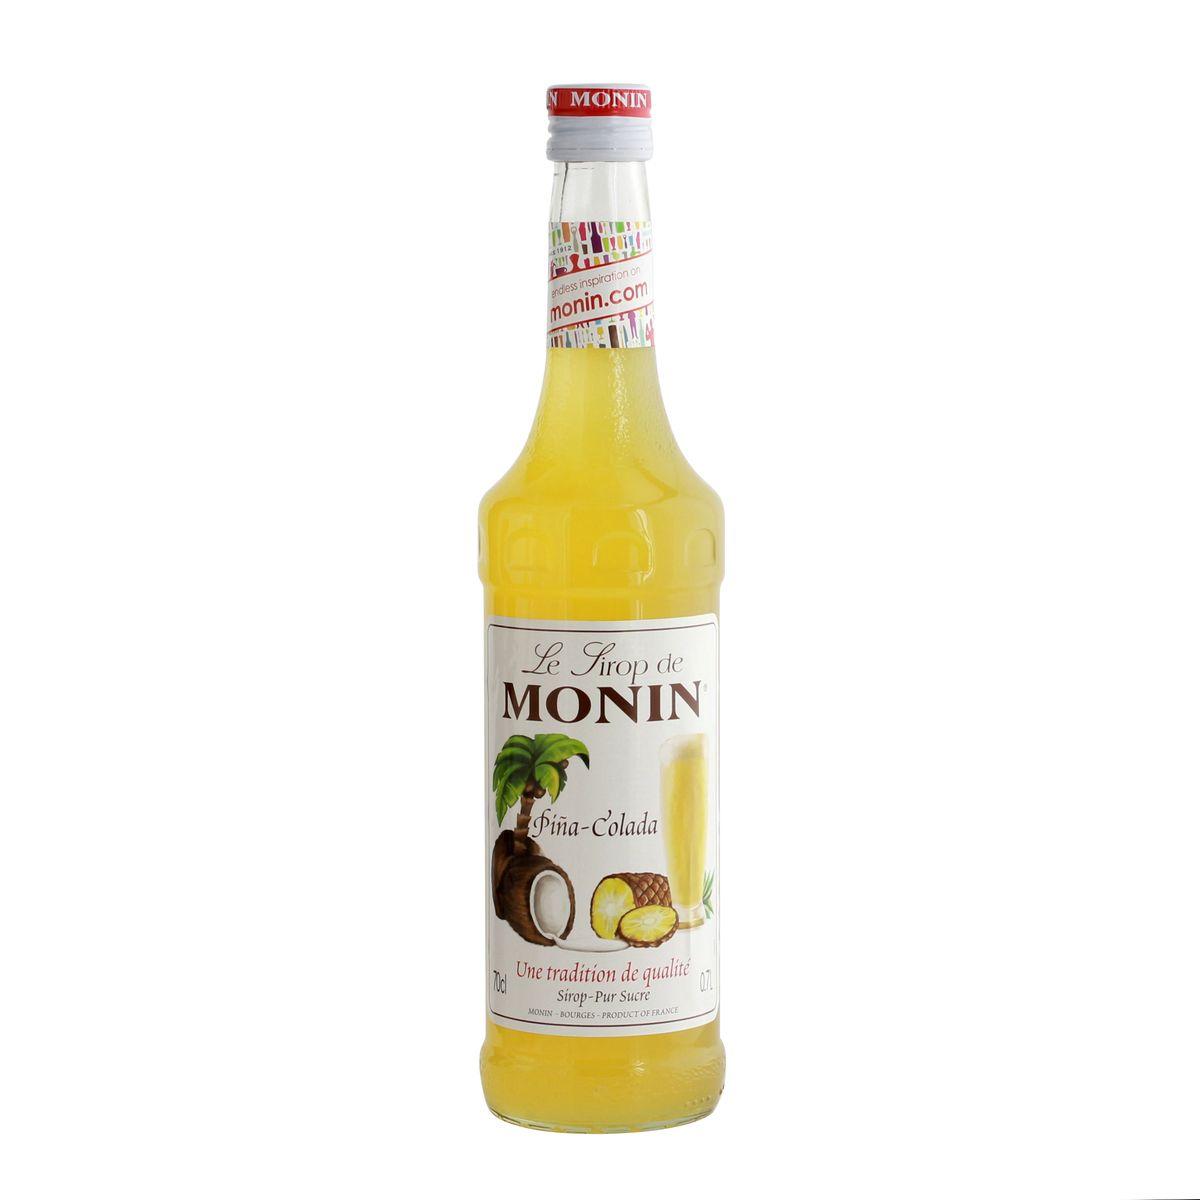 SIROP PINA COLADA 70CL - MONIN